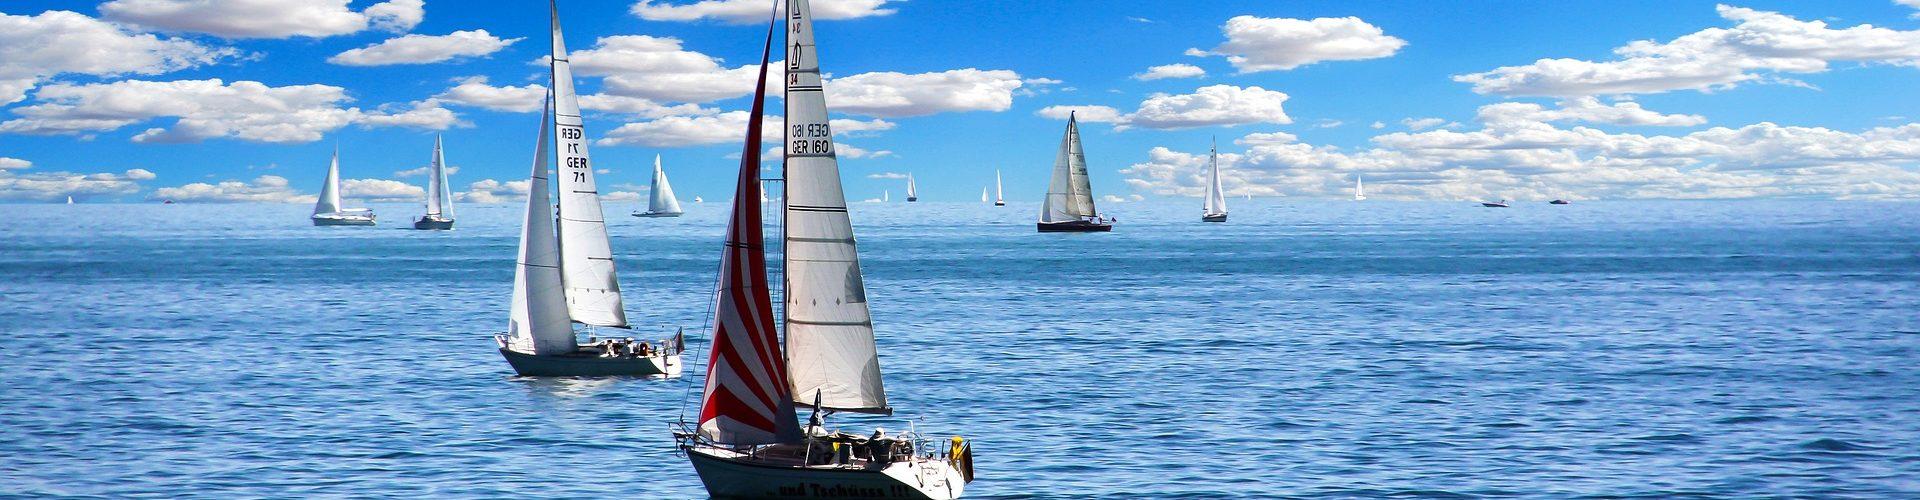 segeln lernen in Nümbrecht segelschein machen in Nümbrecht 1920x500 - Segeln lernen in Nümbrecht